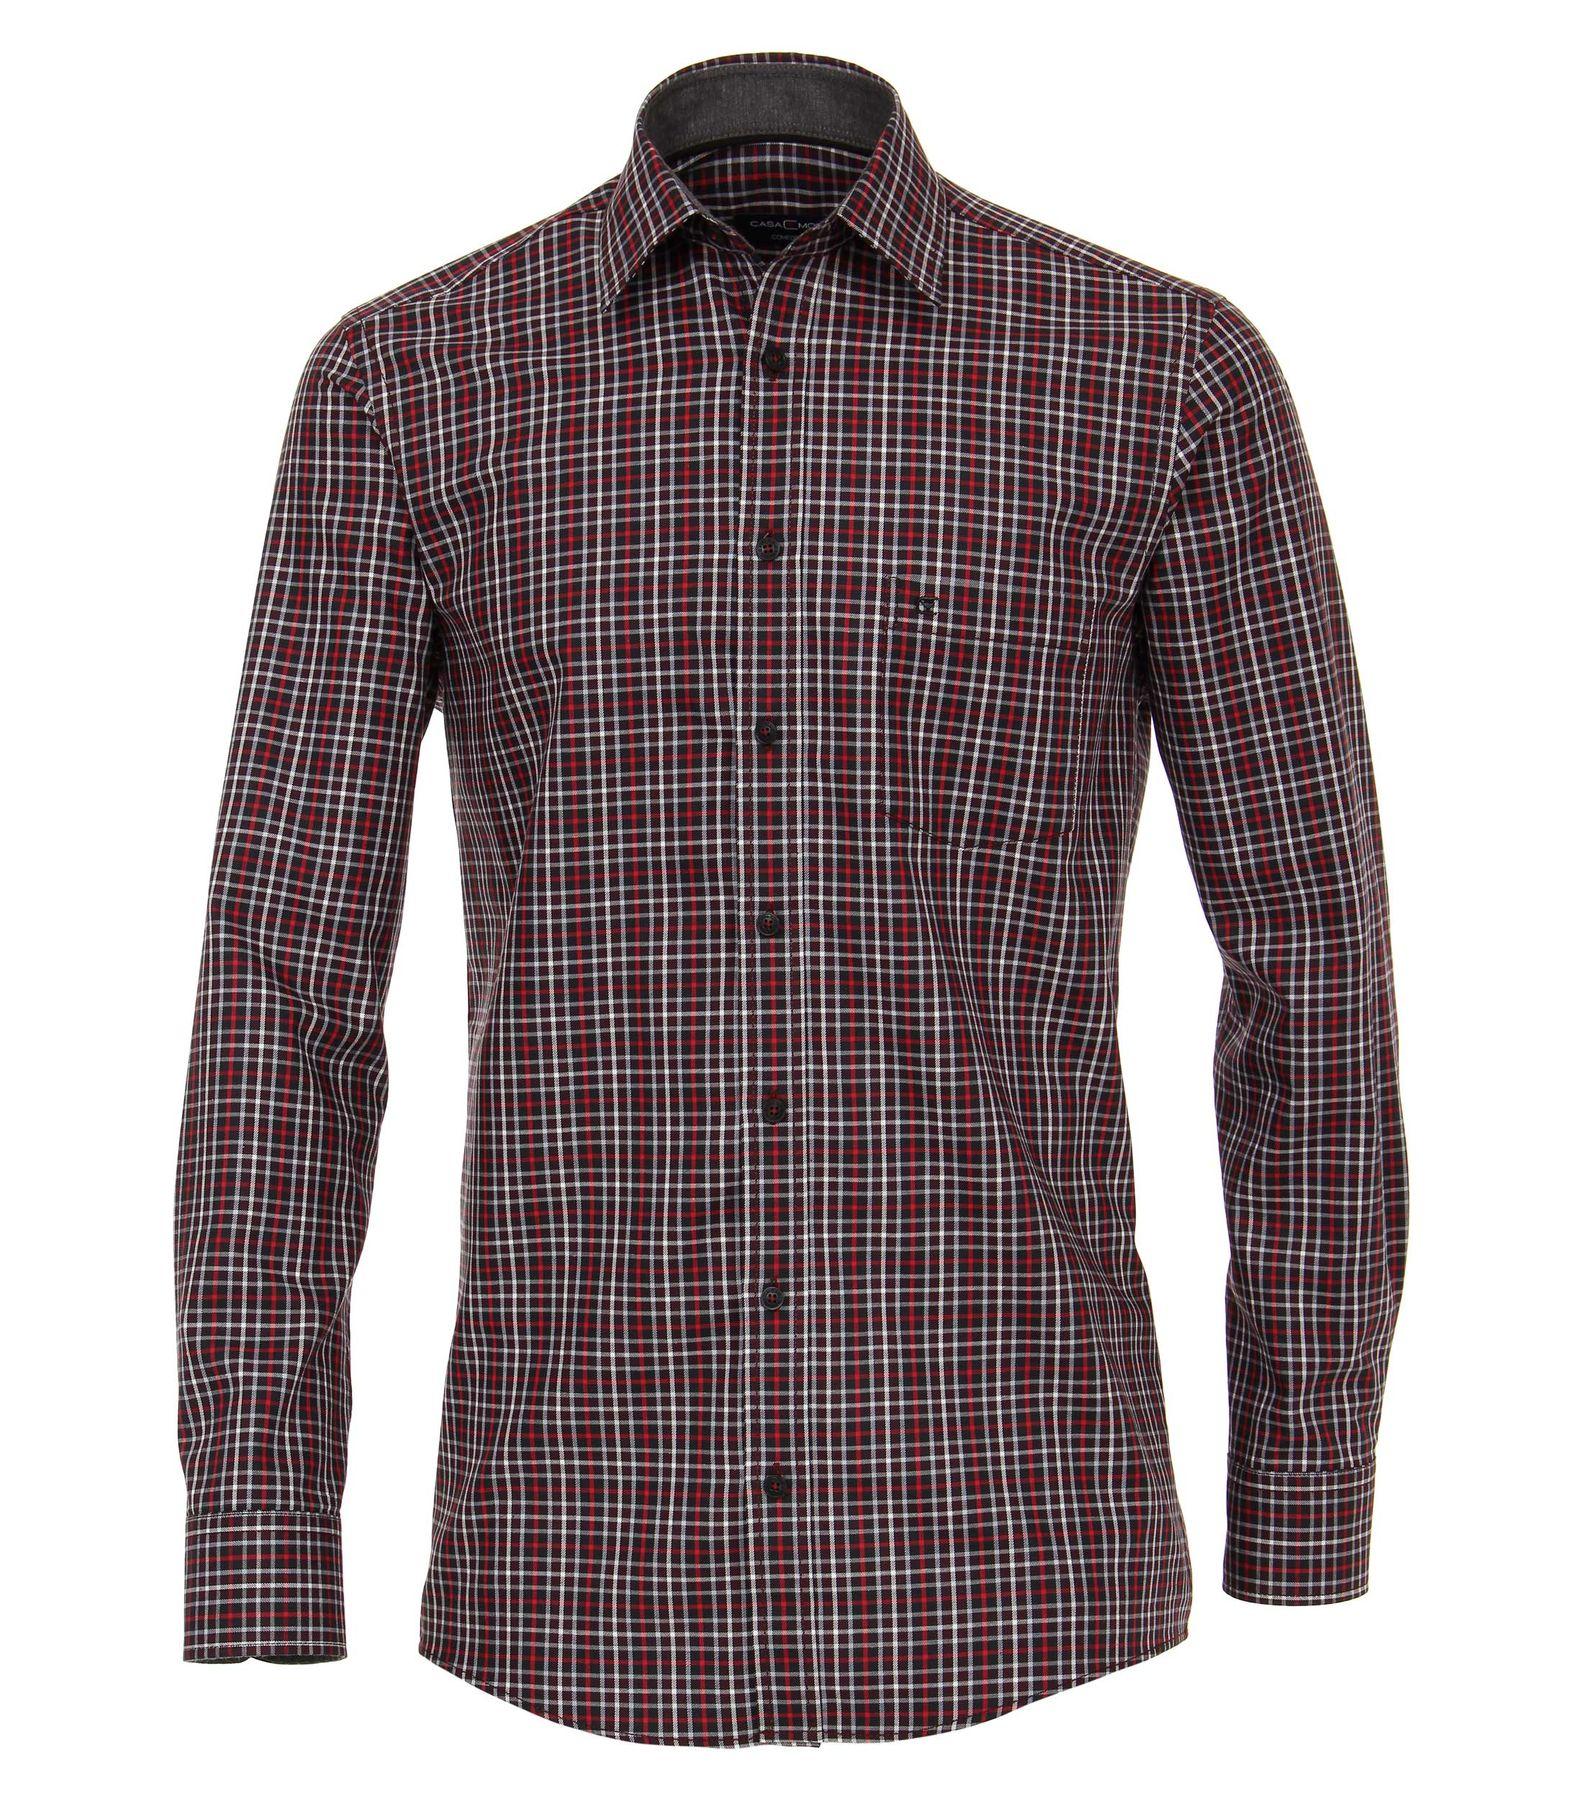 Casa Moda - Comfort Fit - Gepeachtes Herren Langarm Hemd kariert mit Kent-Kragen (483090700) – Bild 1